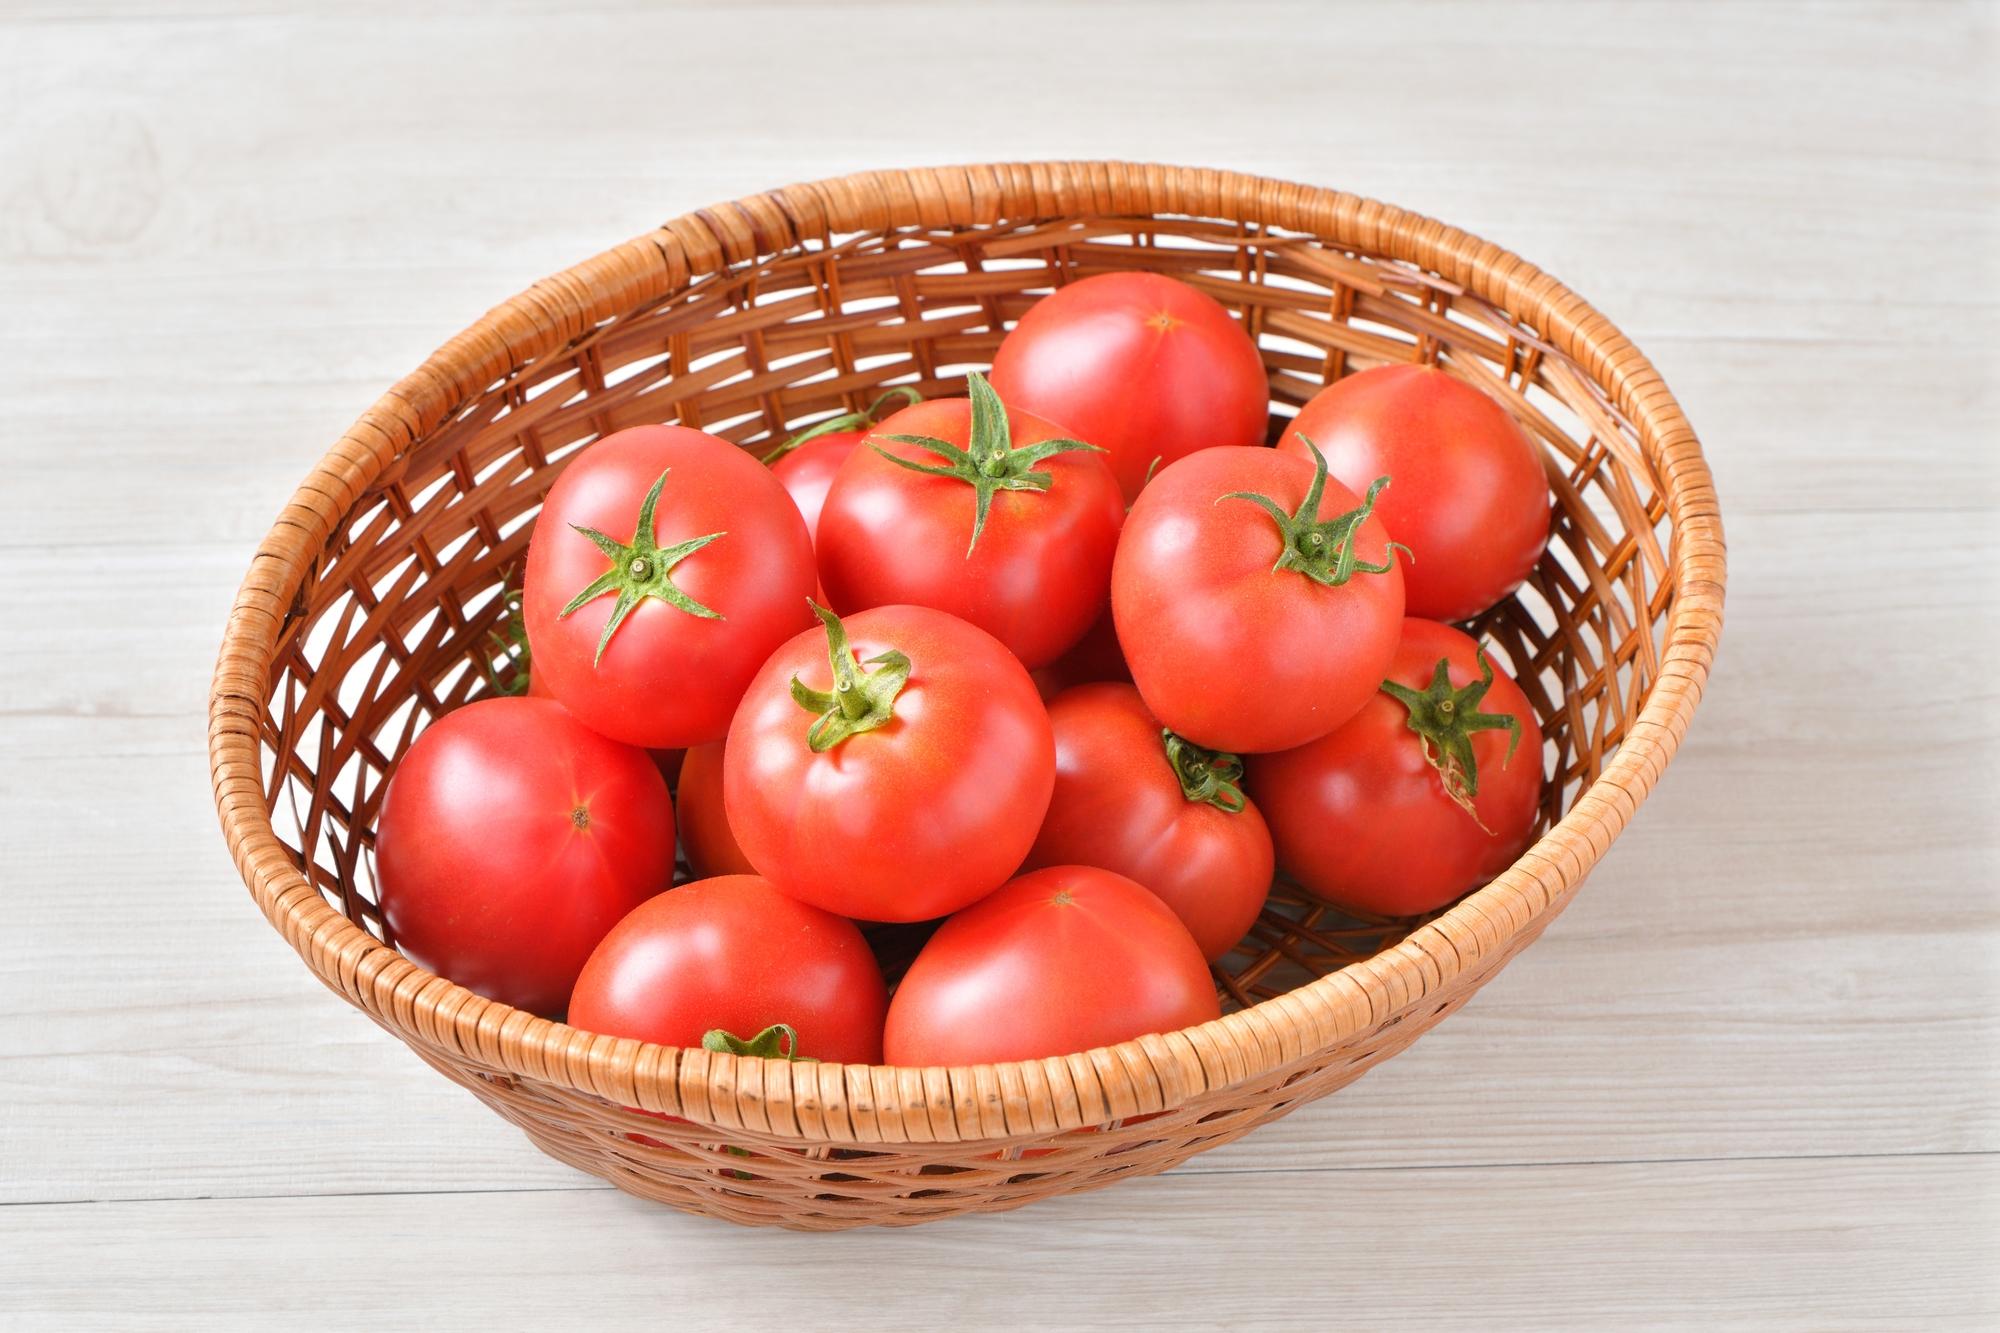 フルーツトマトについて